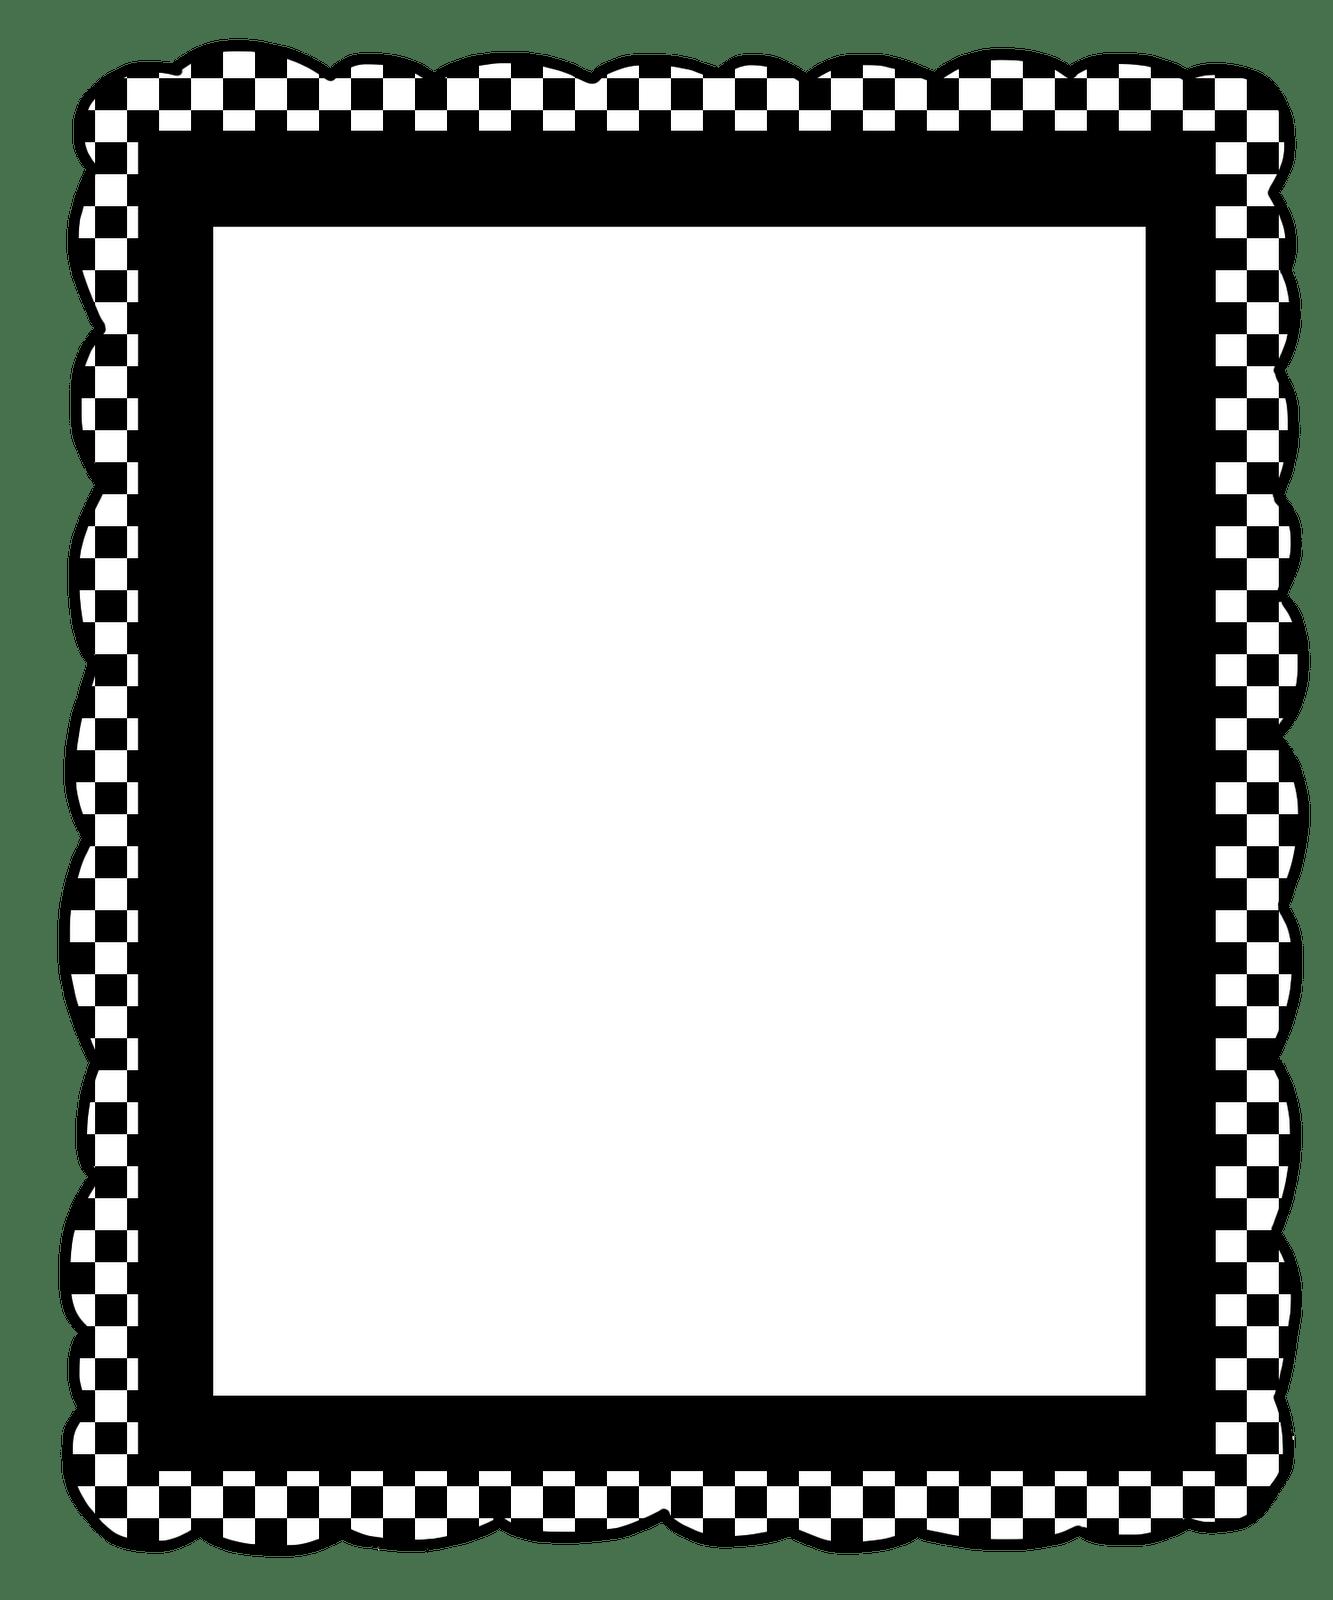 Ruler Clipart Maths Ruler Maths Transparent Free For